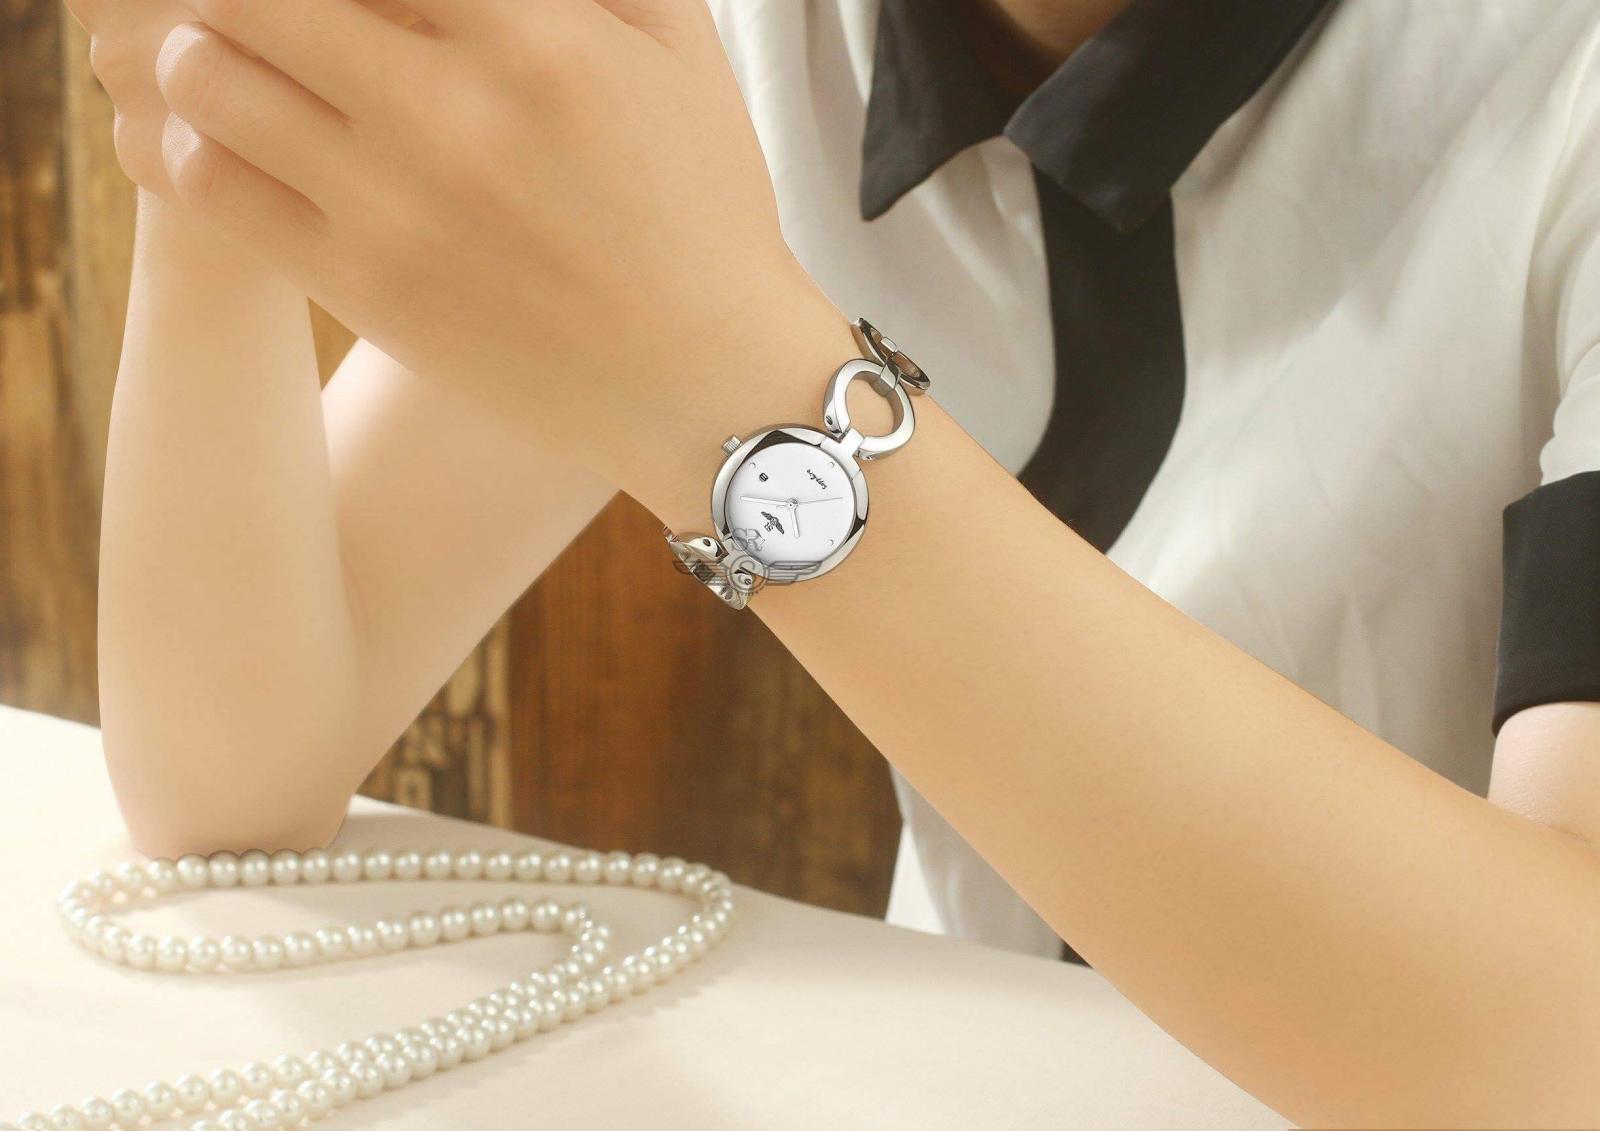 AnchorMột chiếc đồng hồ Srwatch nữ với thiết kế độc đáo giúp các cô nàng thu hút mọi ánh nhìn